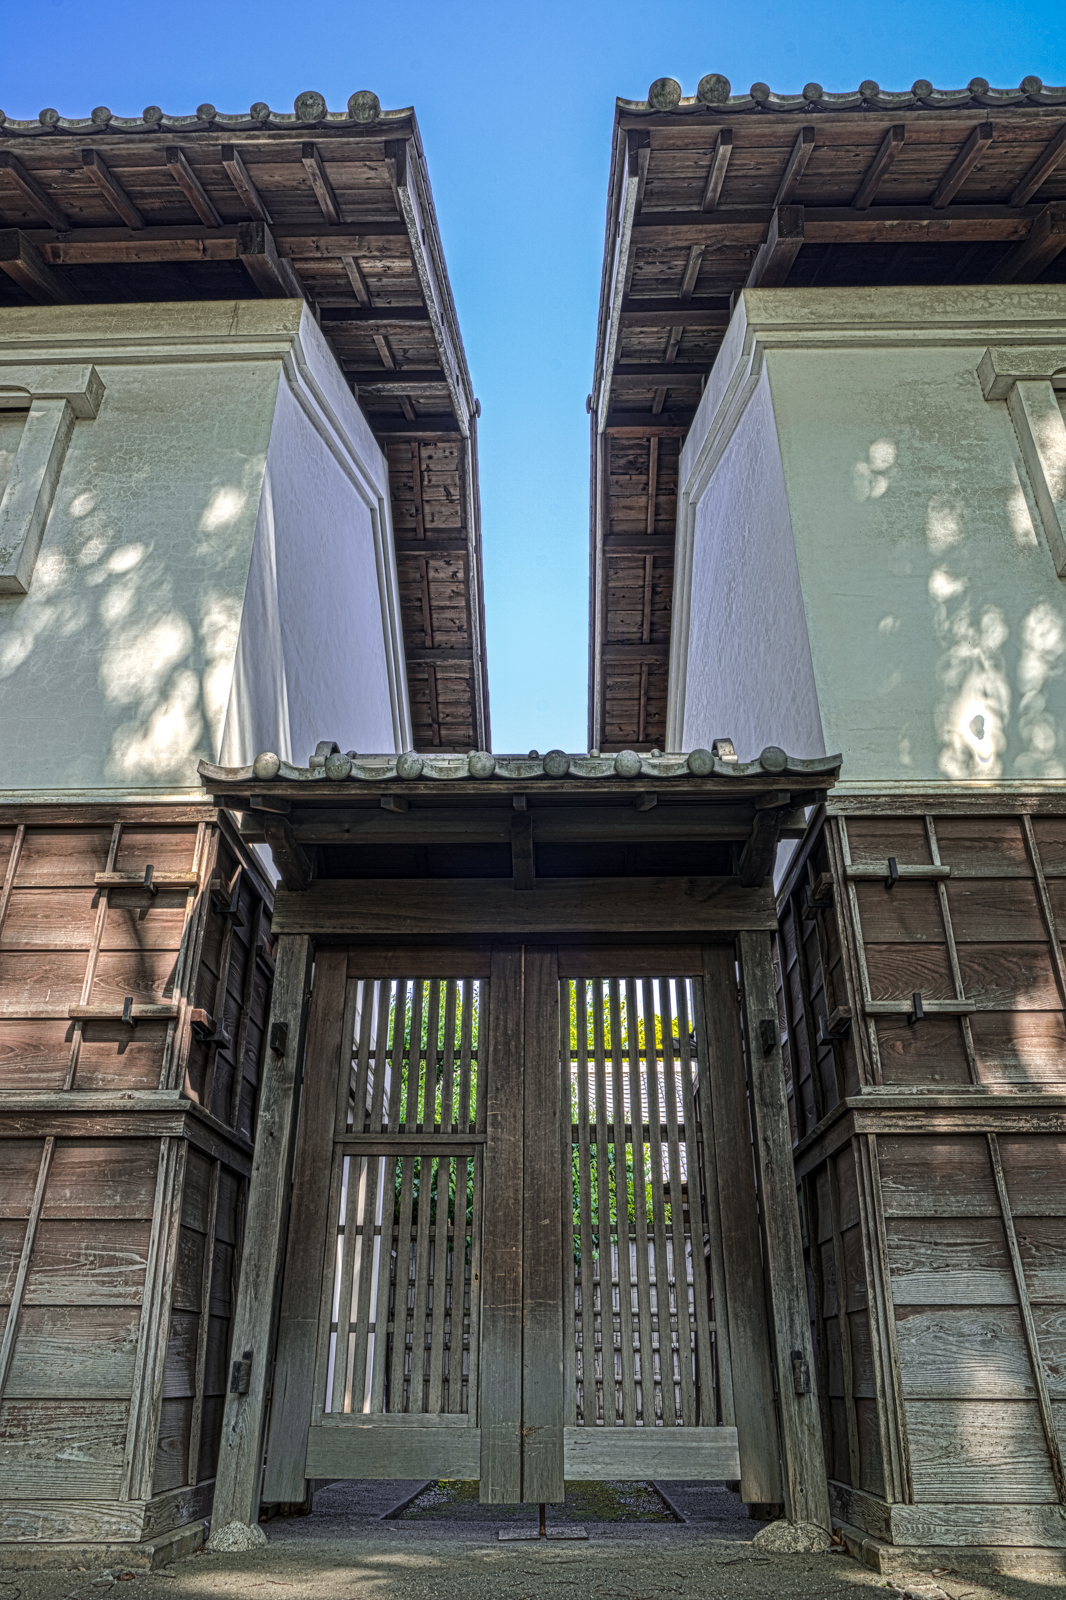 府中郷土の森博物館、田中家住宅(府中宿の大店)の塀のHDR写真